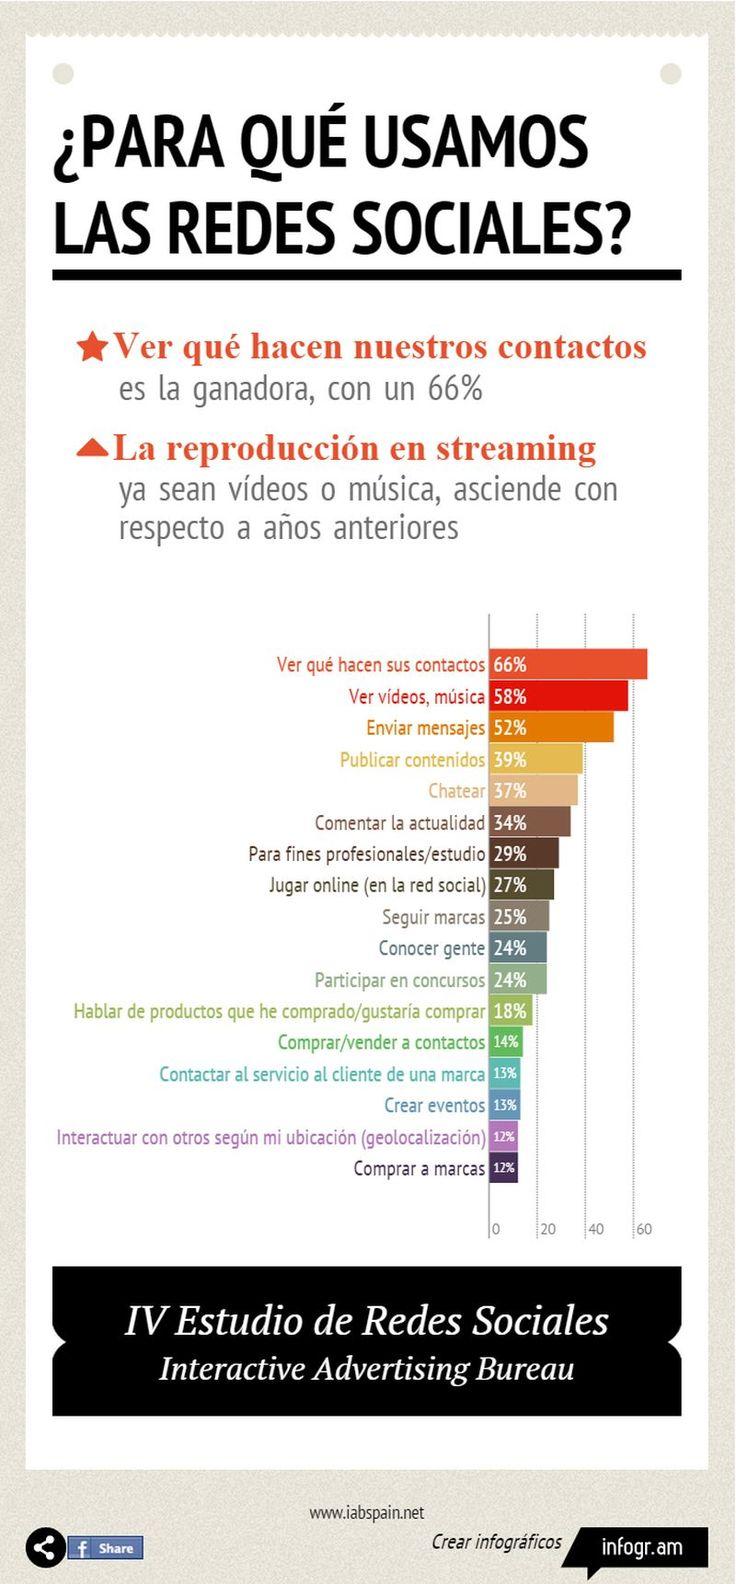 Una infografía, completamente en español, que nos muestra un ranking de porcentajes con los principales usos que les damos a las redes sociales.